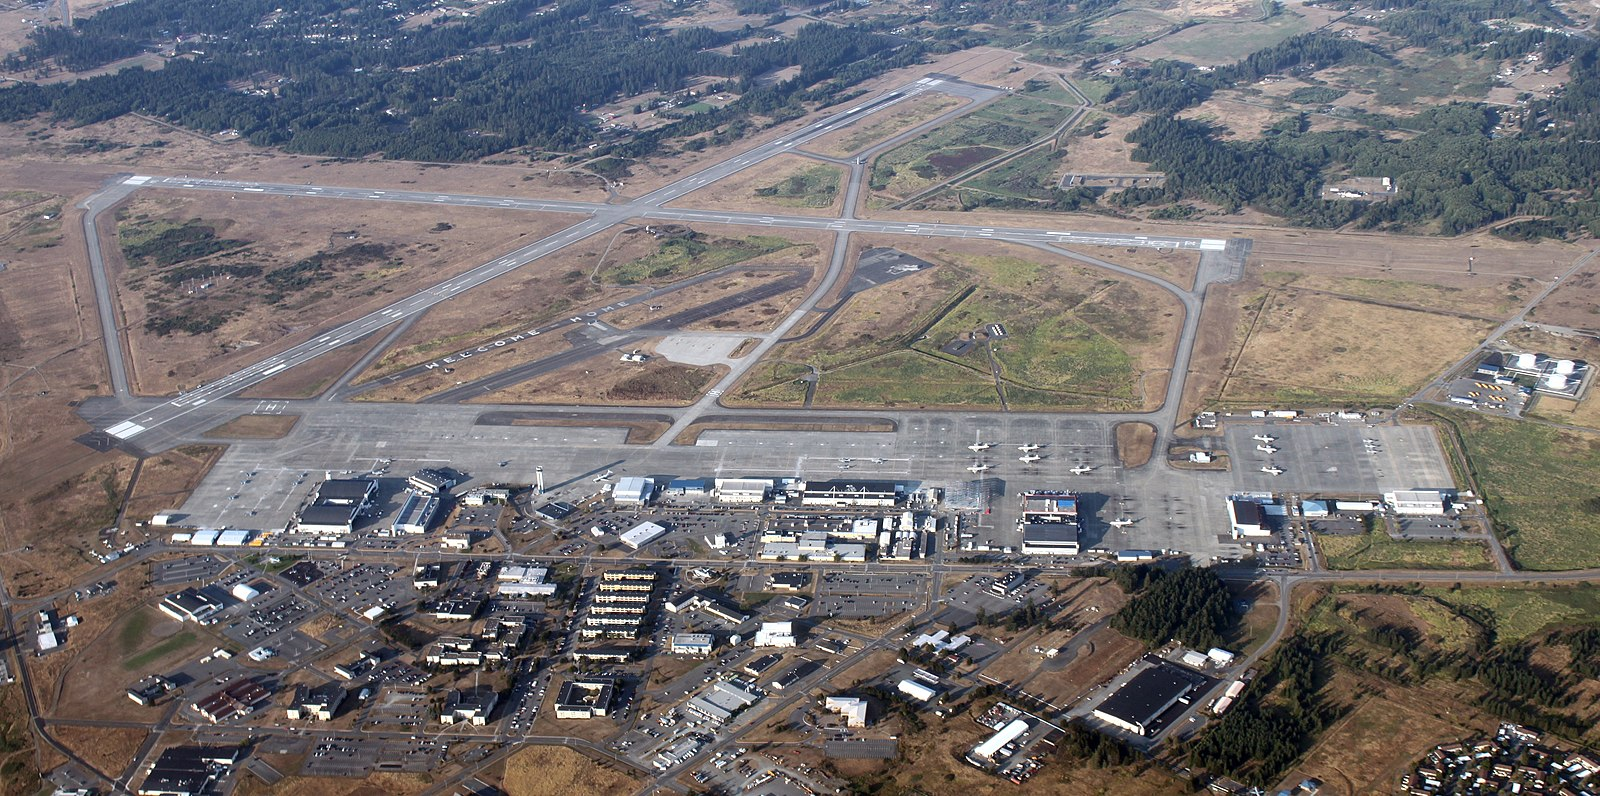 военная база фото сверху